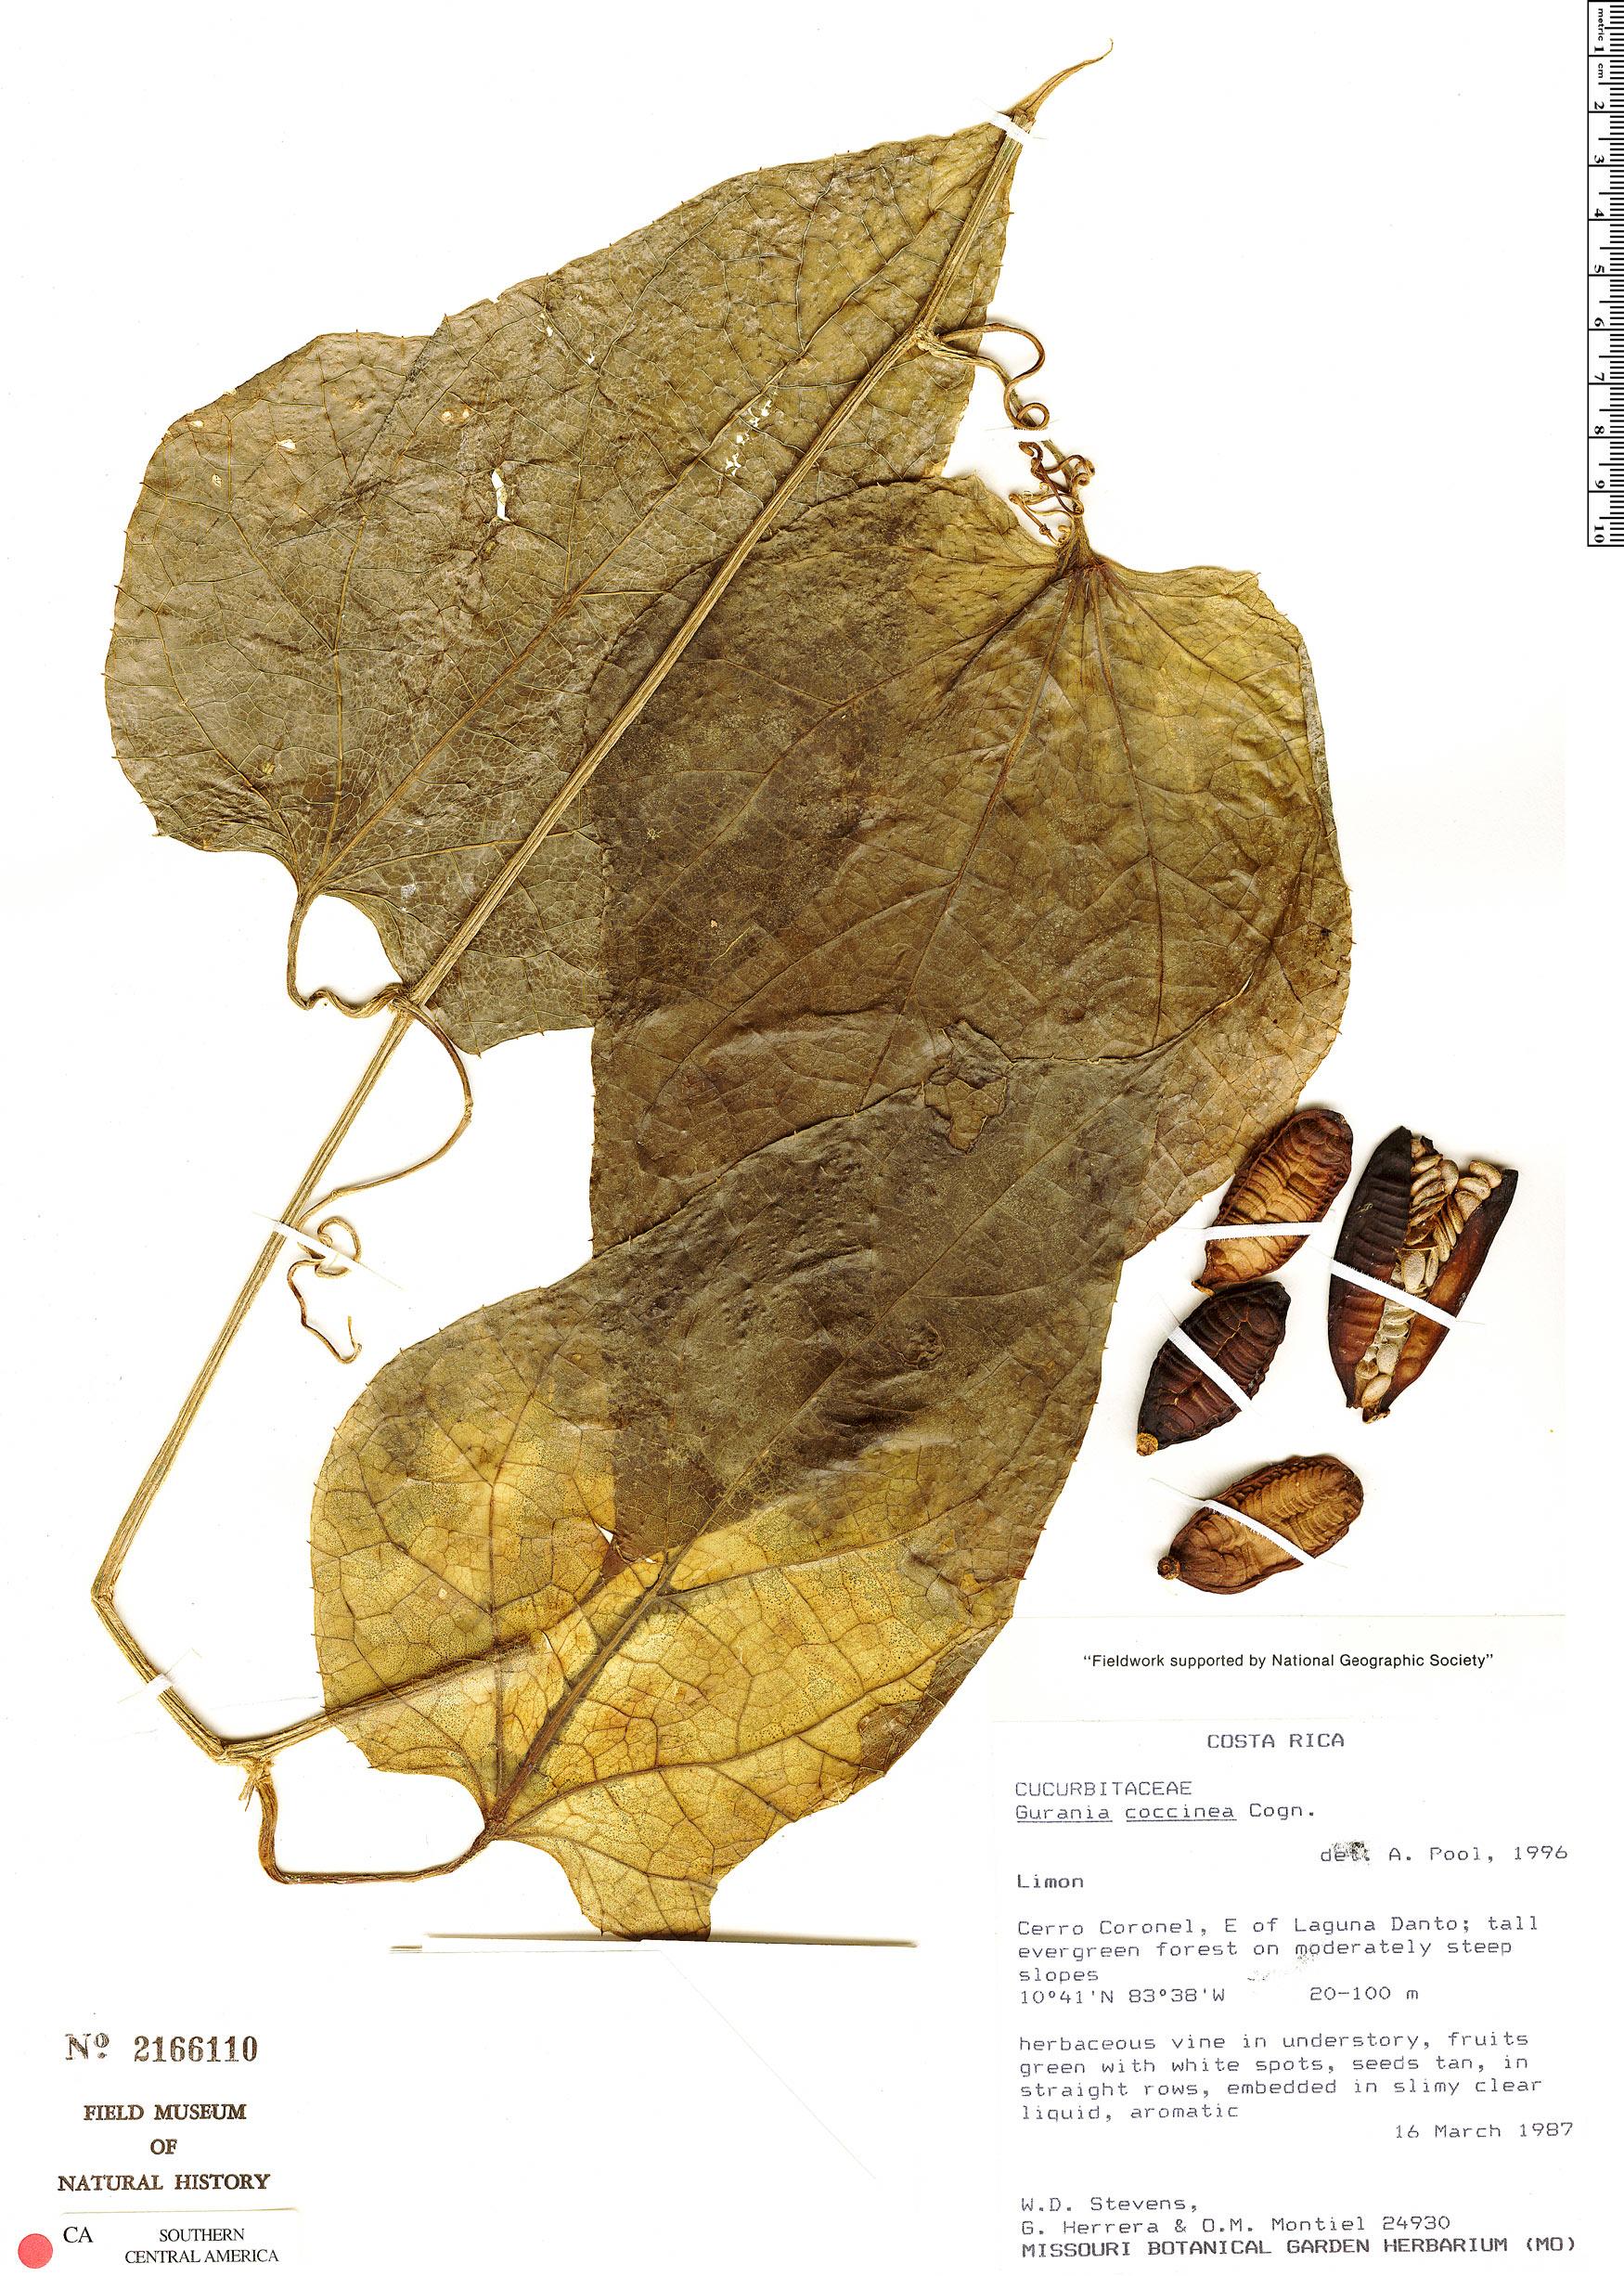 Specimen: Gurania costaricensis